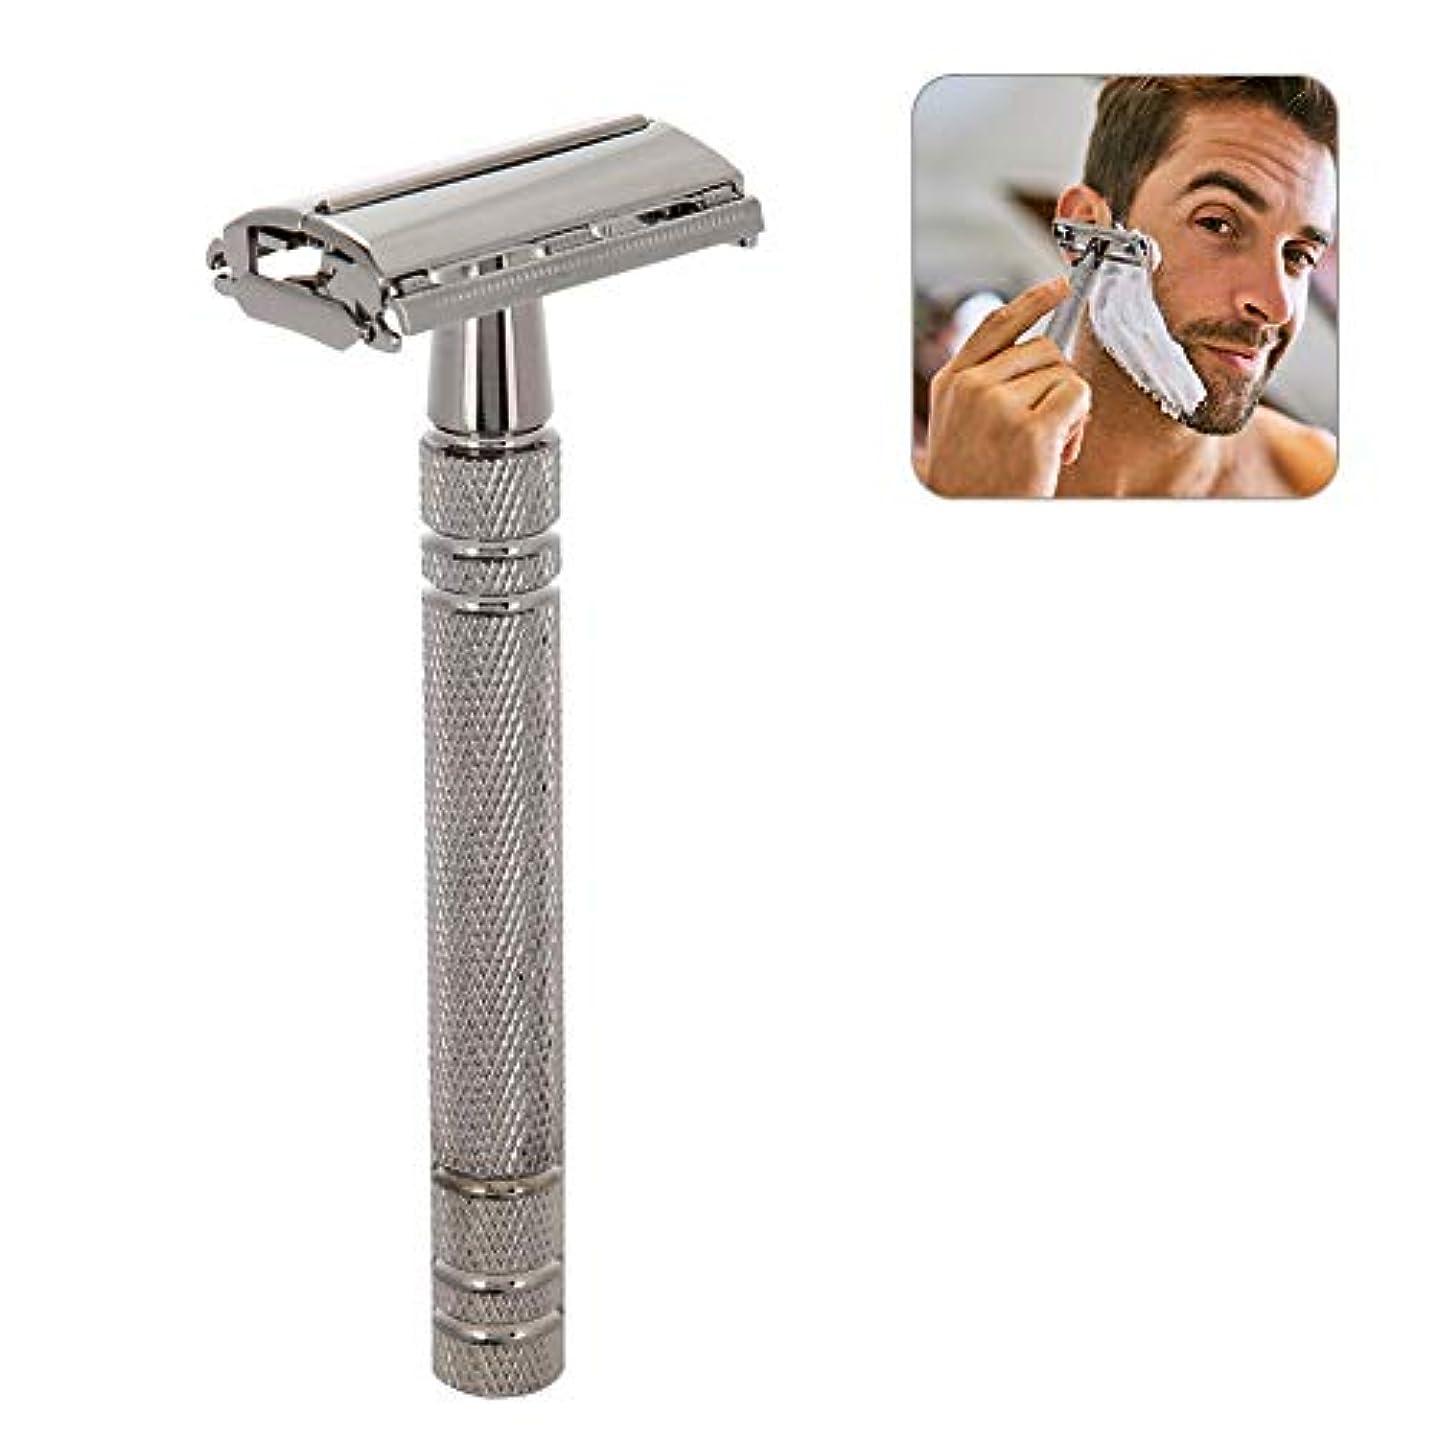 熱意マルコポーロすなわちメンズシェーバー クラシックレイザー 脱毛器 剃刀 手動 交換可能なブレード(シルバー)